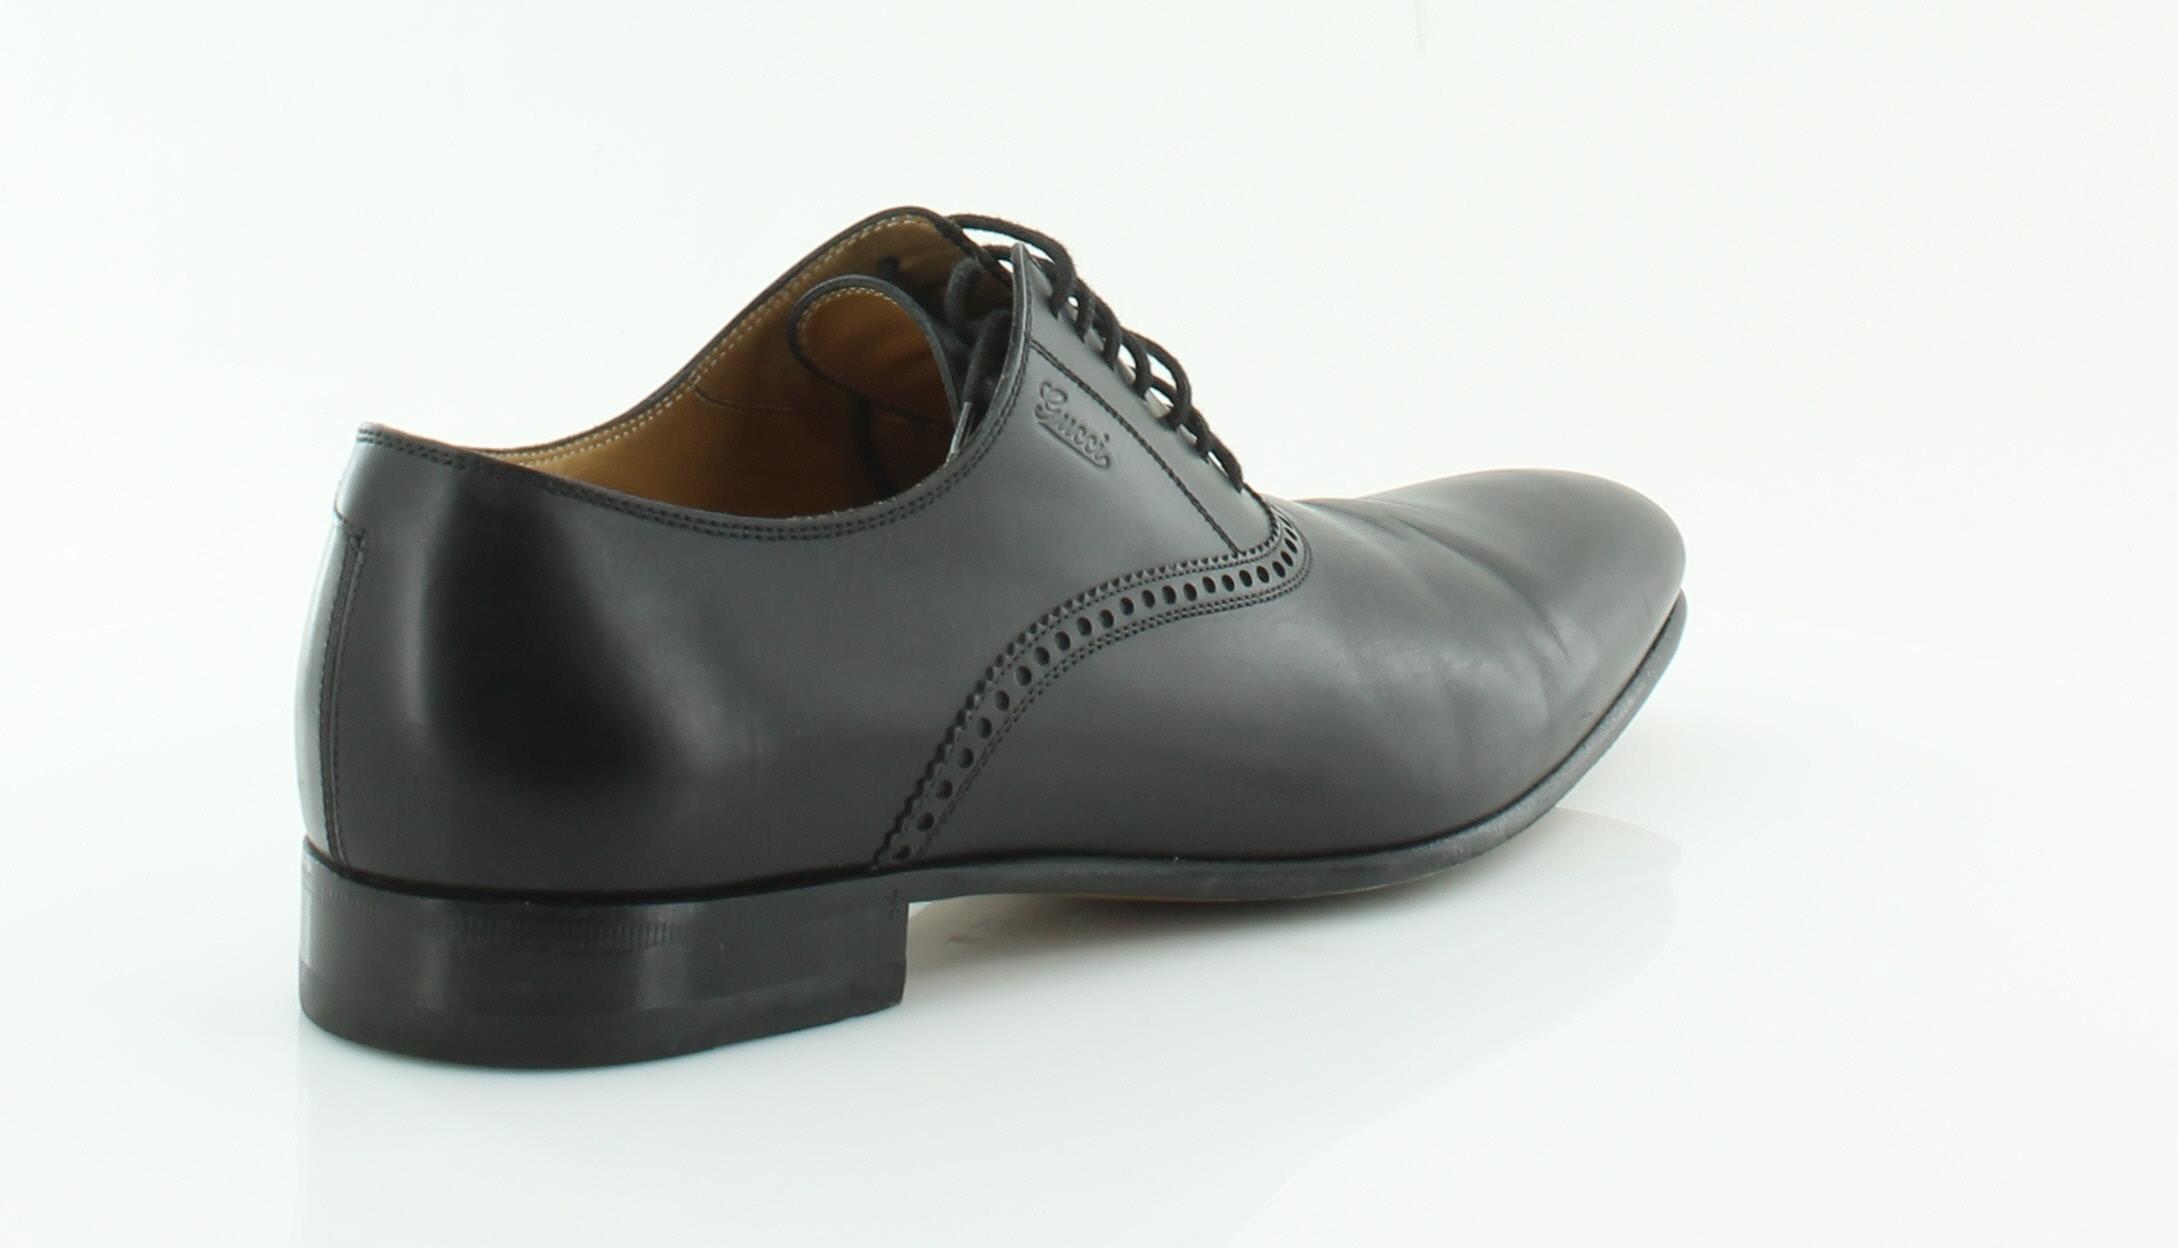 gucci betis black mens shoes size 7 5 m dress formal msrp